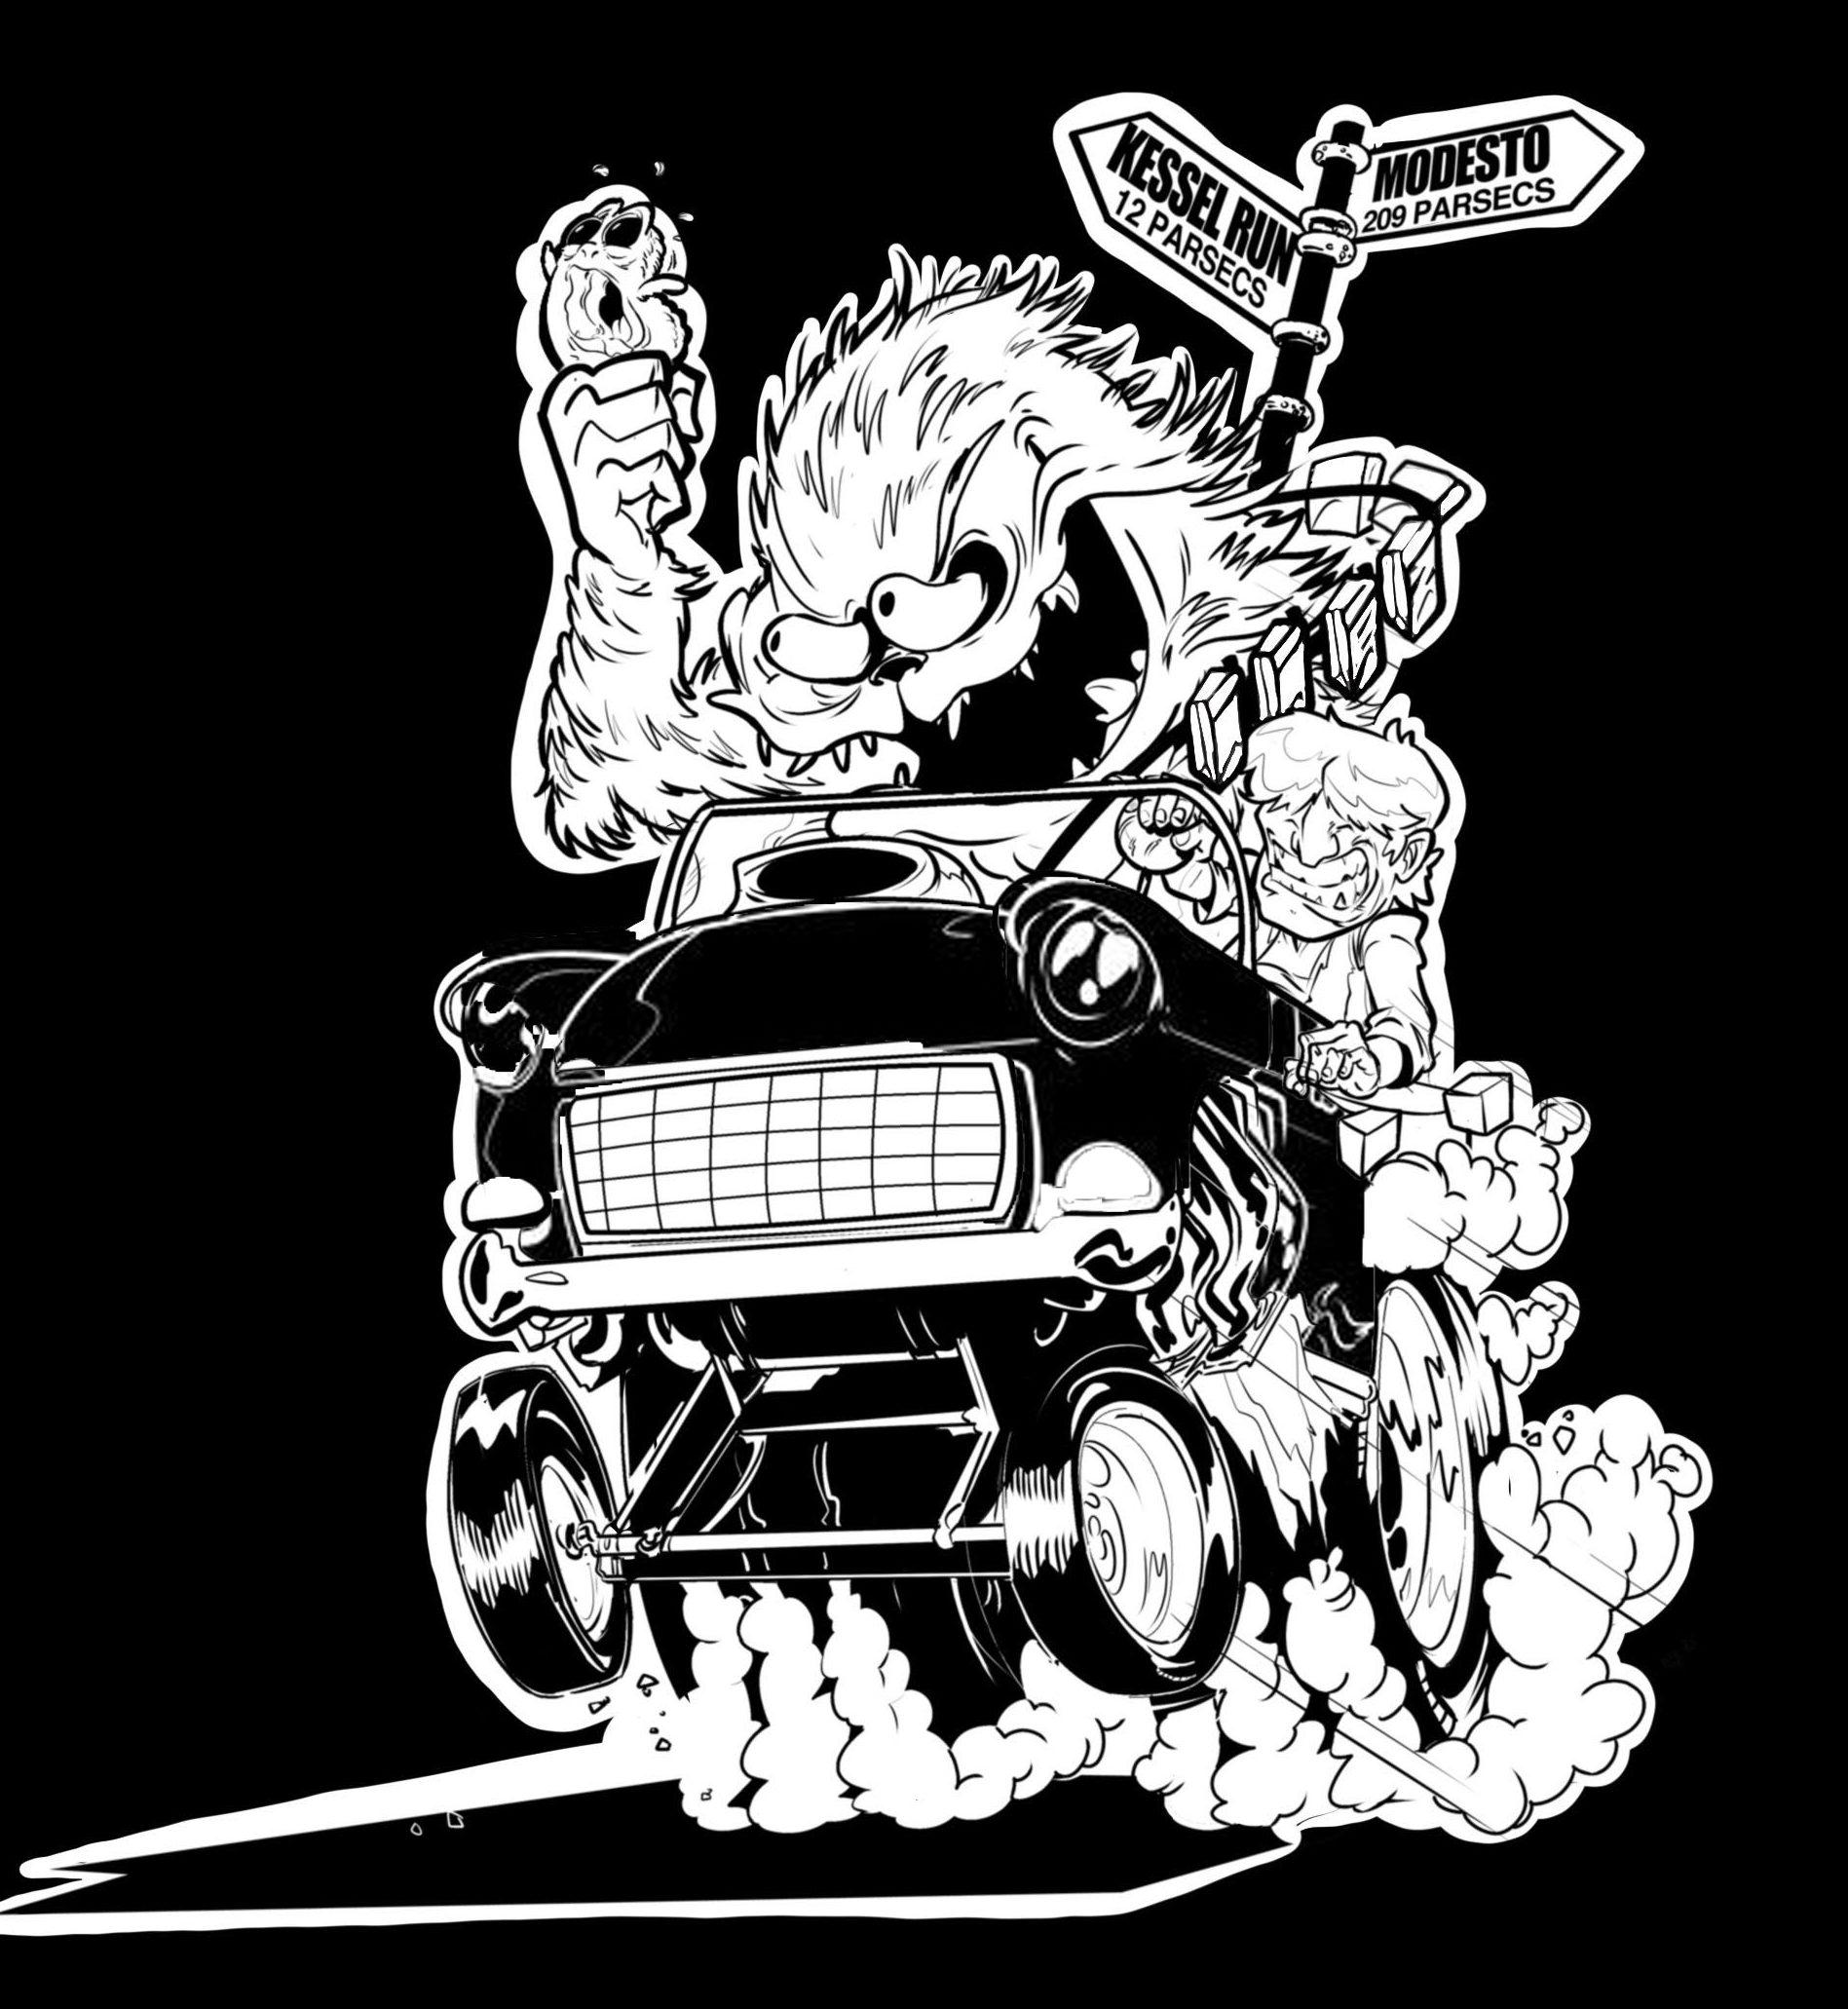 Graffiti-Con Comic and Car Show